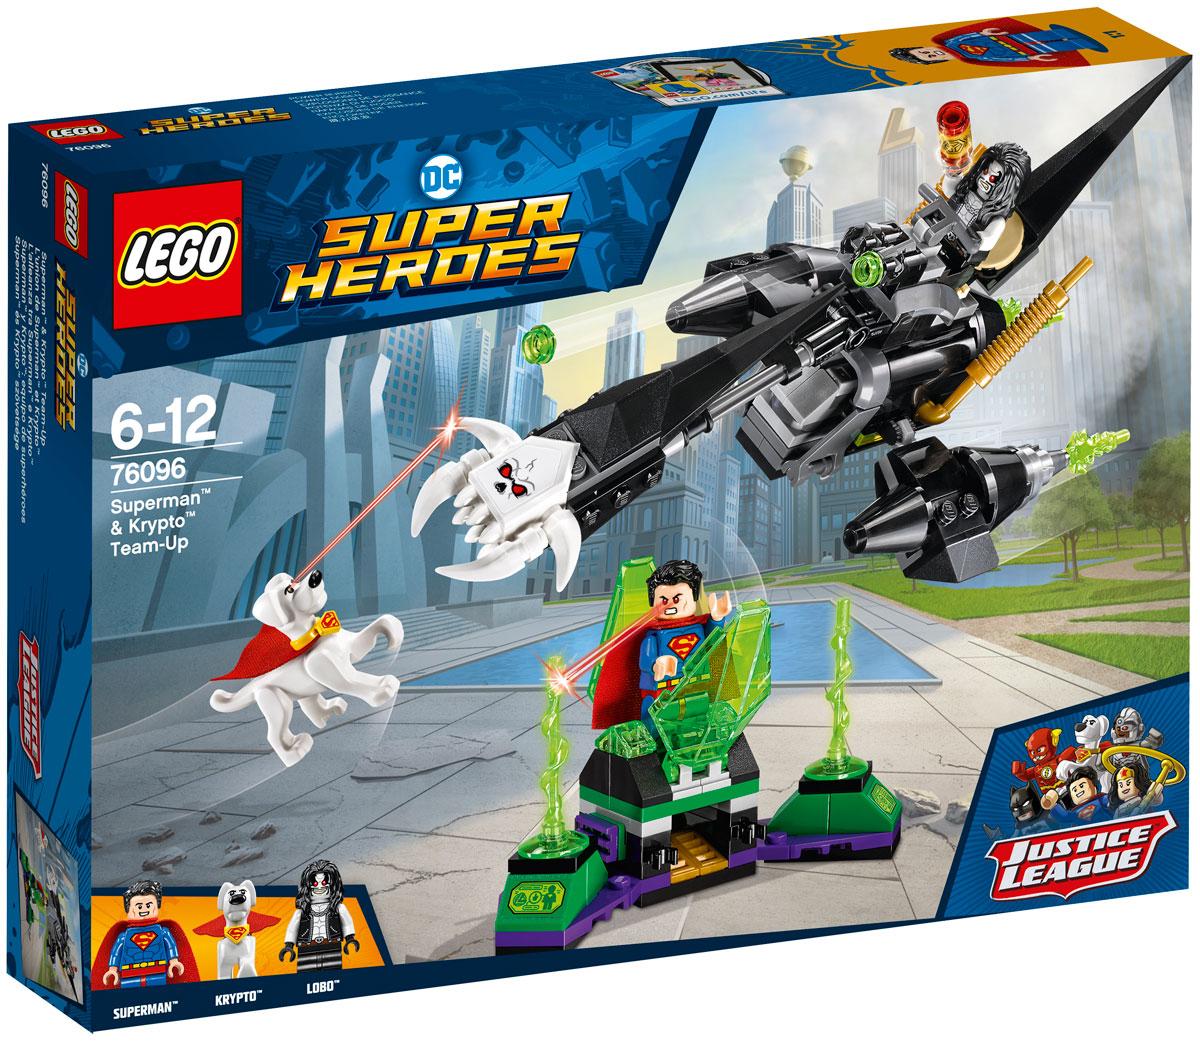 LEGO Super Heroes Конструктор Супермен и Крипто объединяют усилия 76096 конструктор lego marvel super heroes реактивный самолёт мстителей 76049